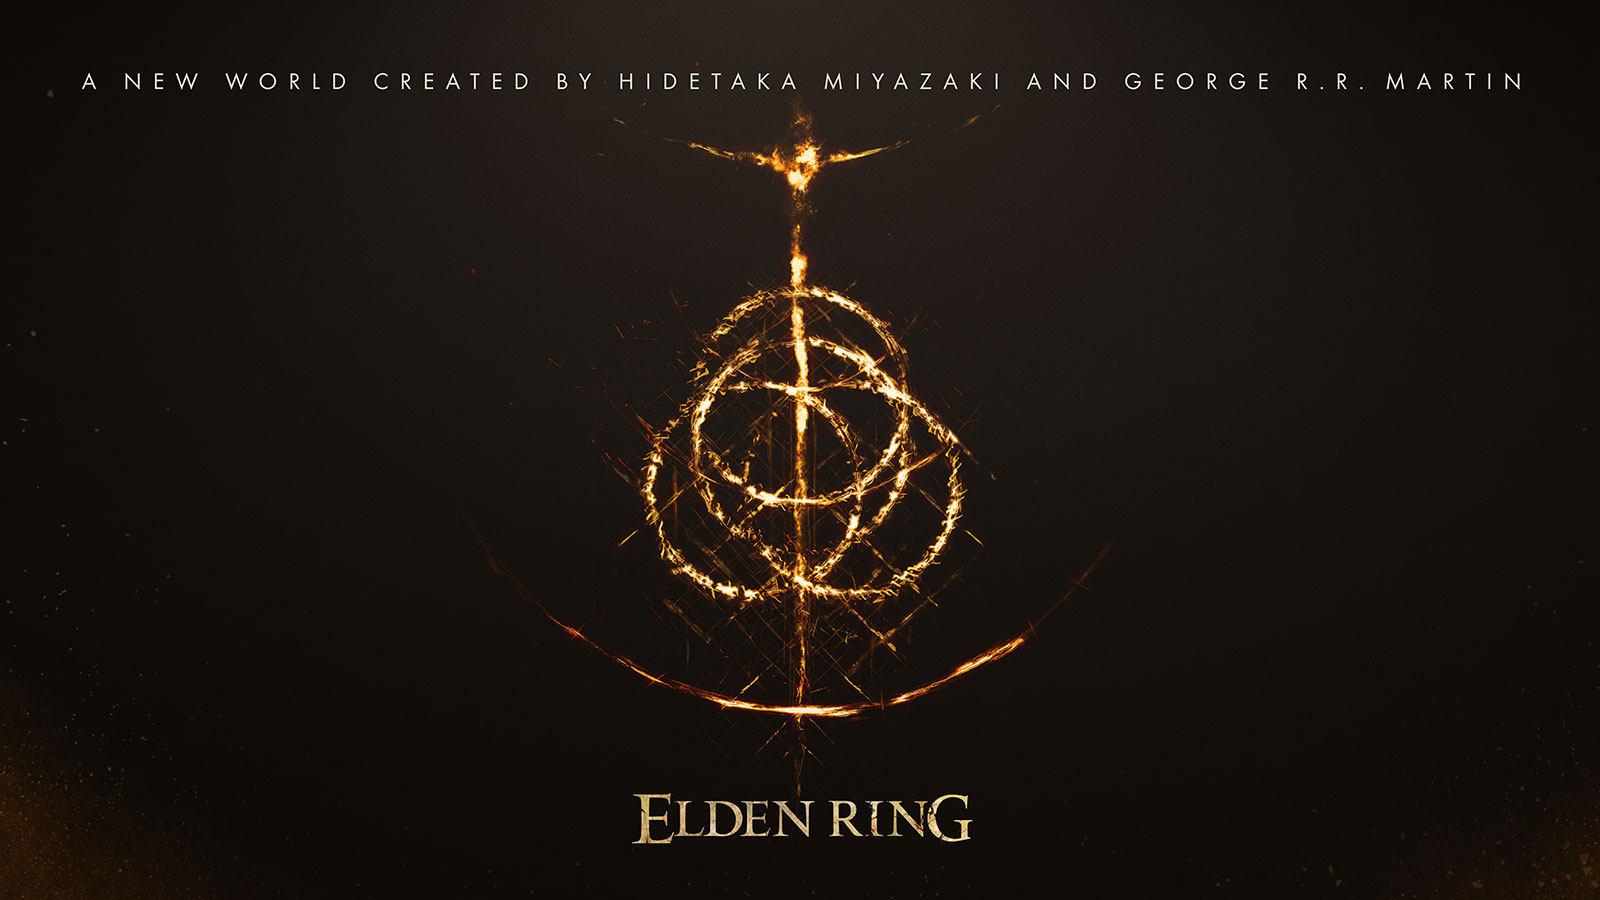 作曲家北村友香确认正在为《Elden Ring》制作配乐